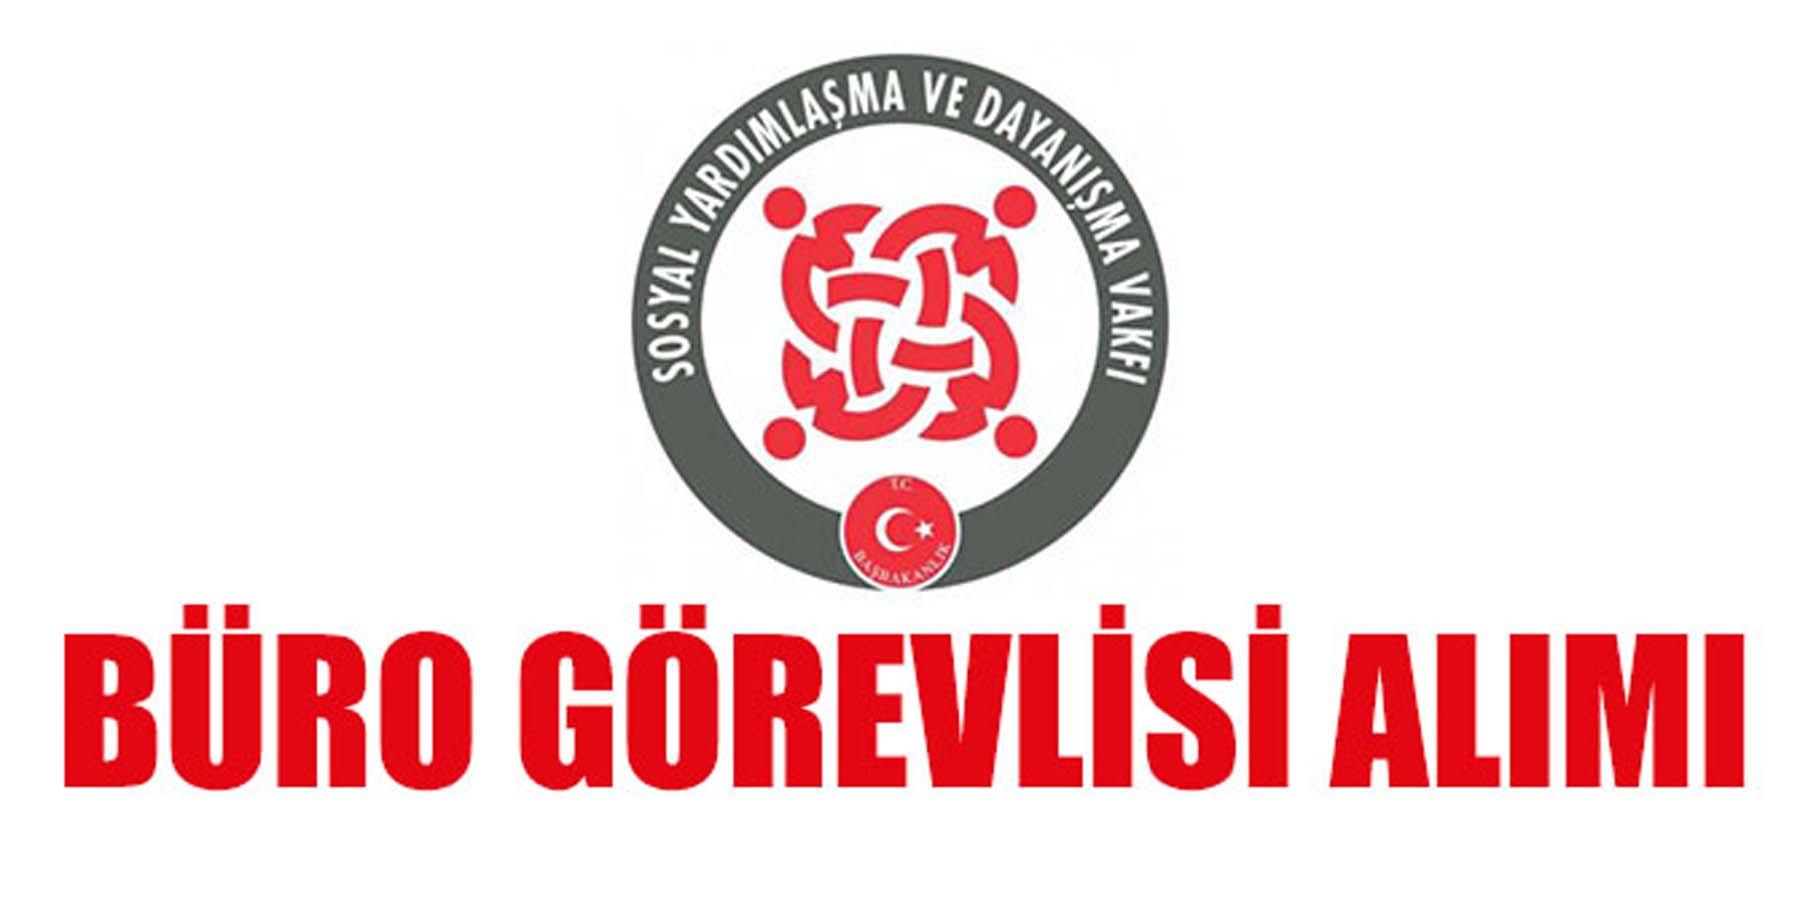 SYDV Trabzon Büro Görevlisi Alımı